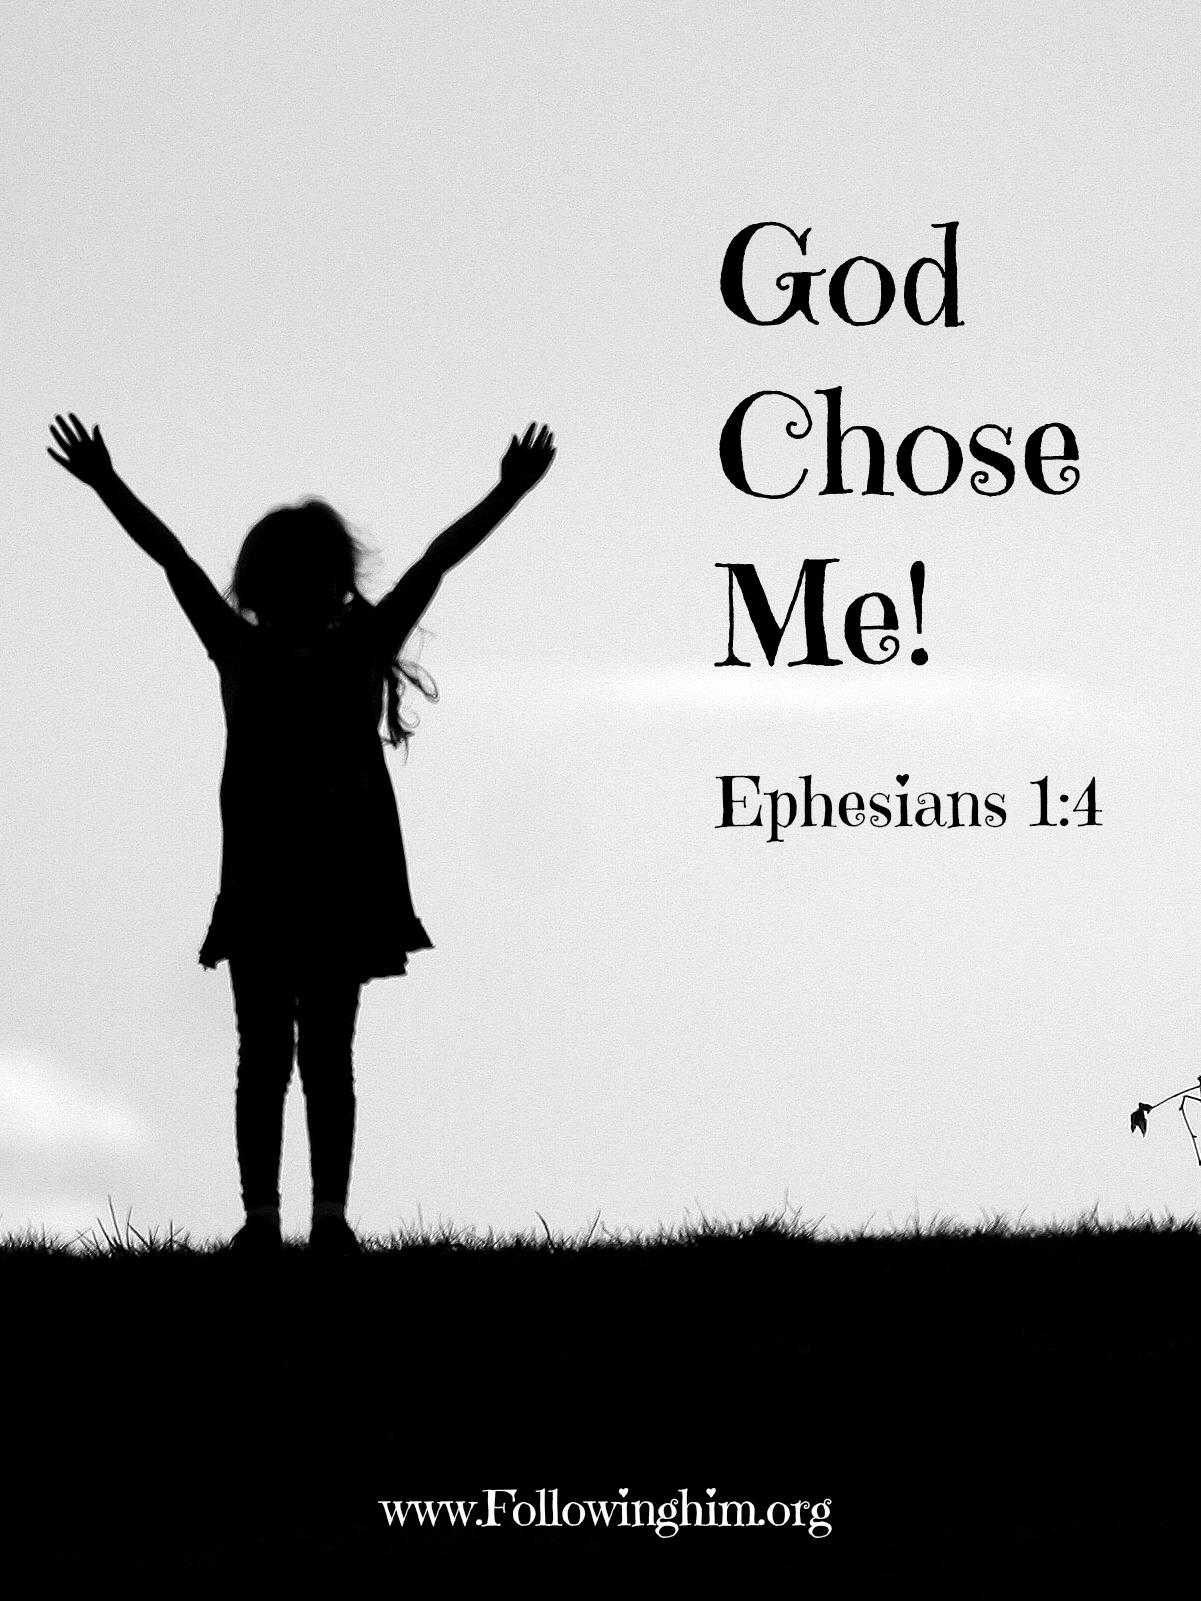 God chose me poster